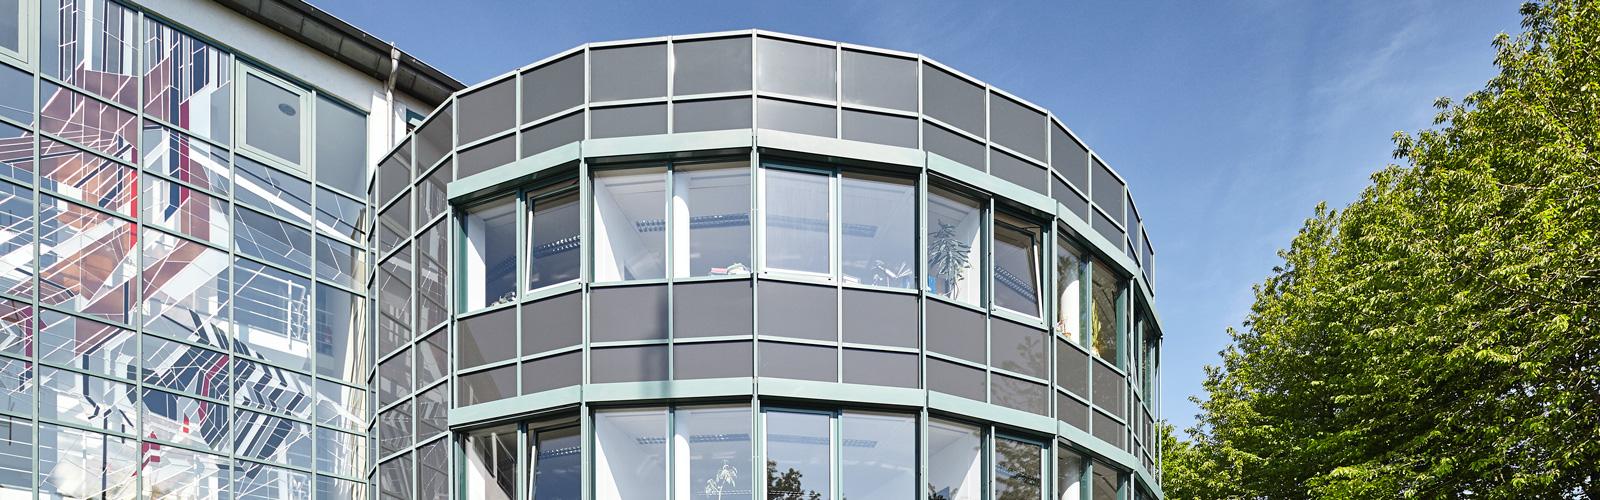 Kanzlei Friedrichshafen